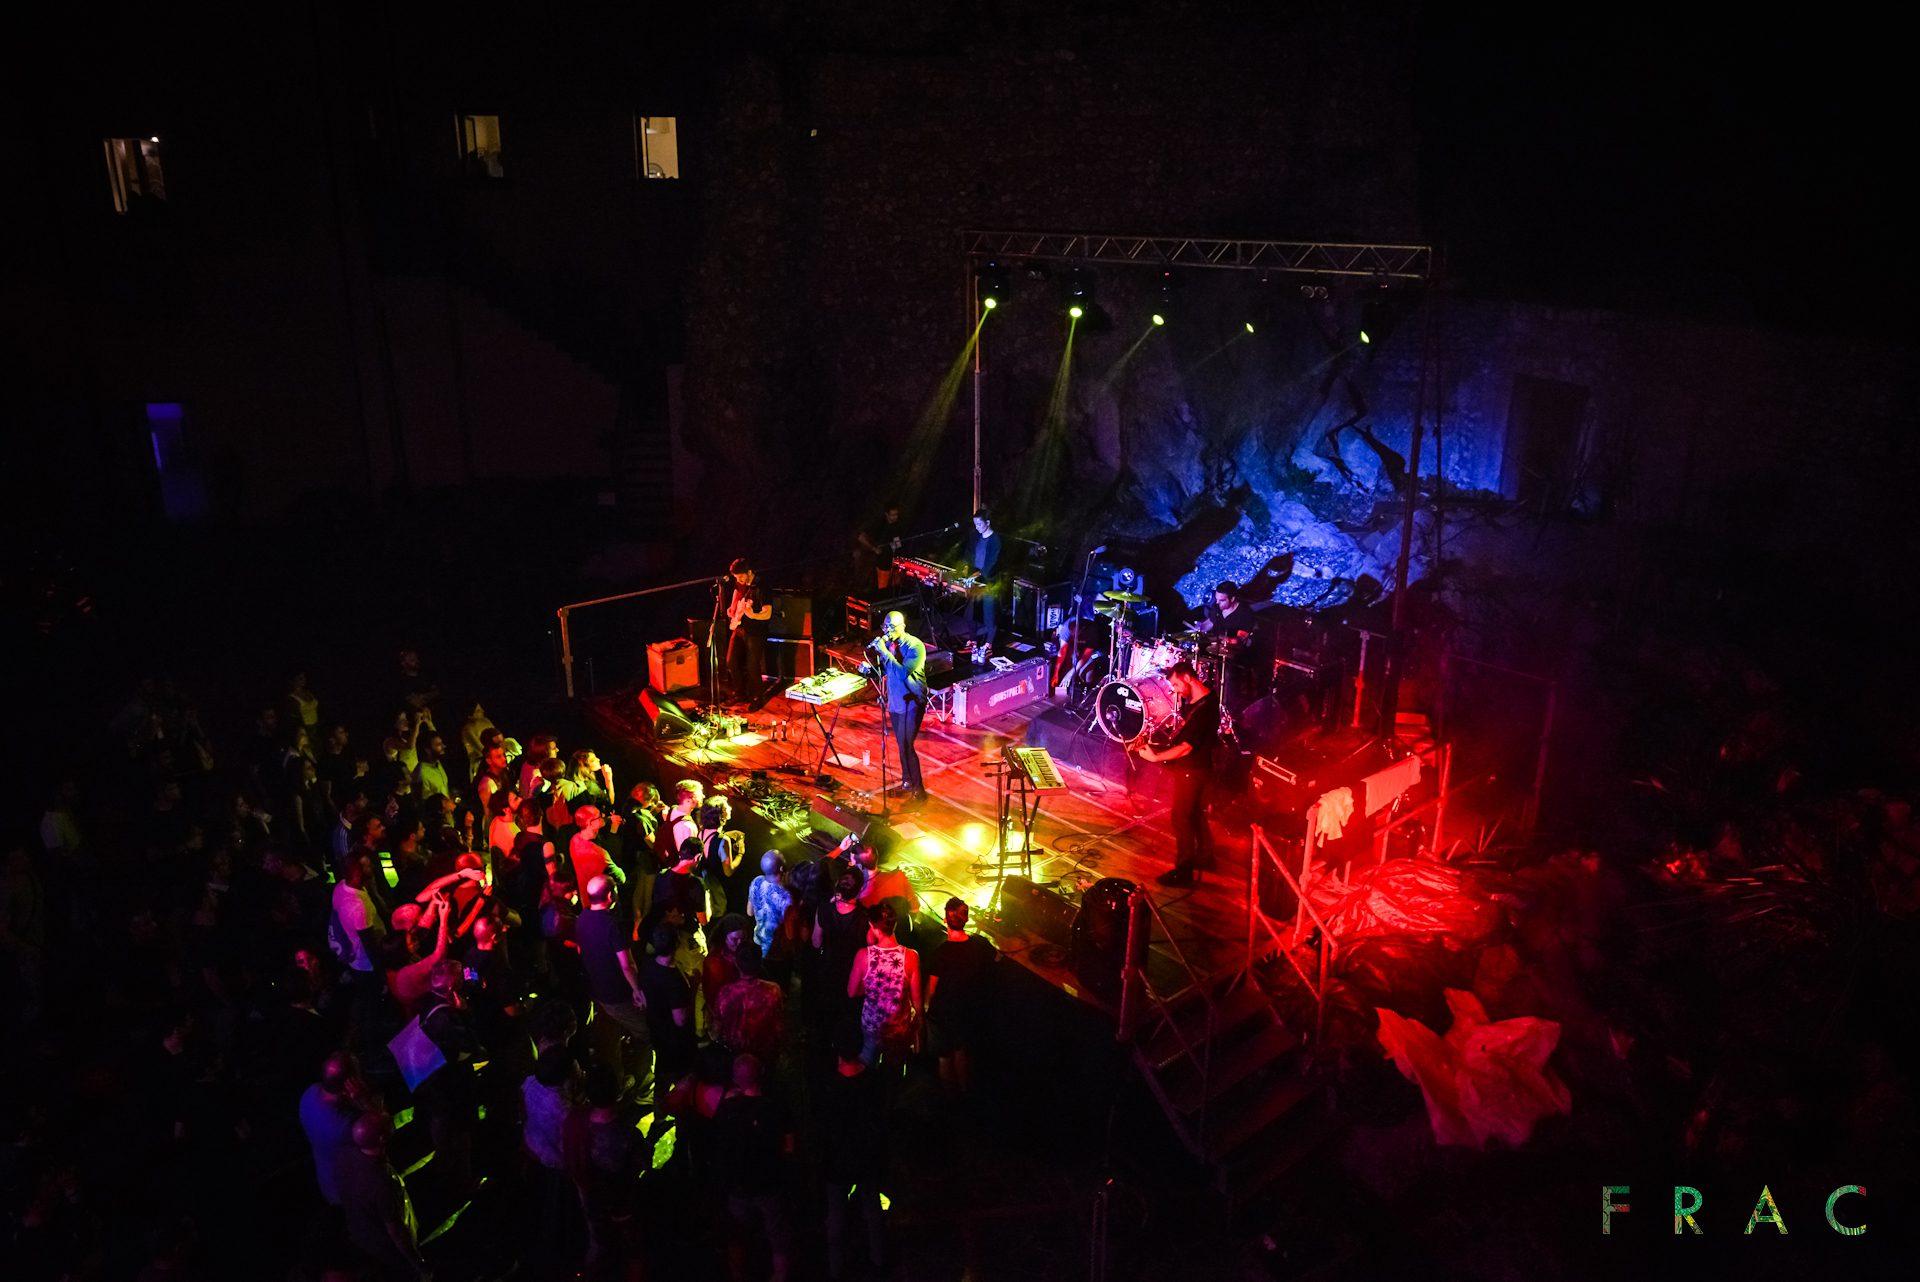 mam-e eventi FRAC FESTIVAL DI RICERCA DELLE ARTI CONTEMPORANEE evento